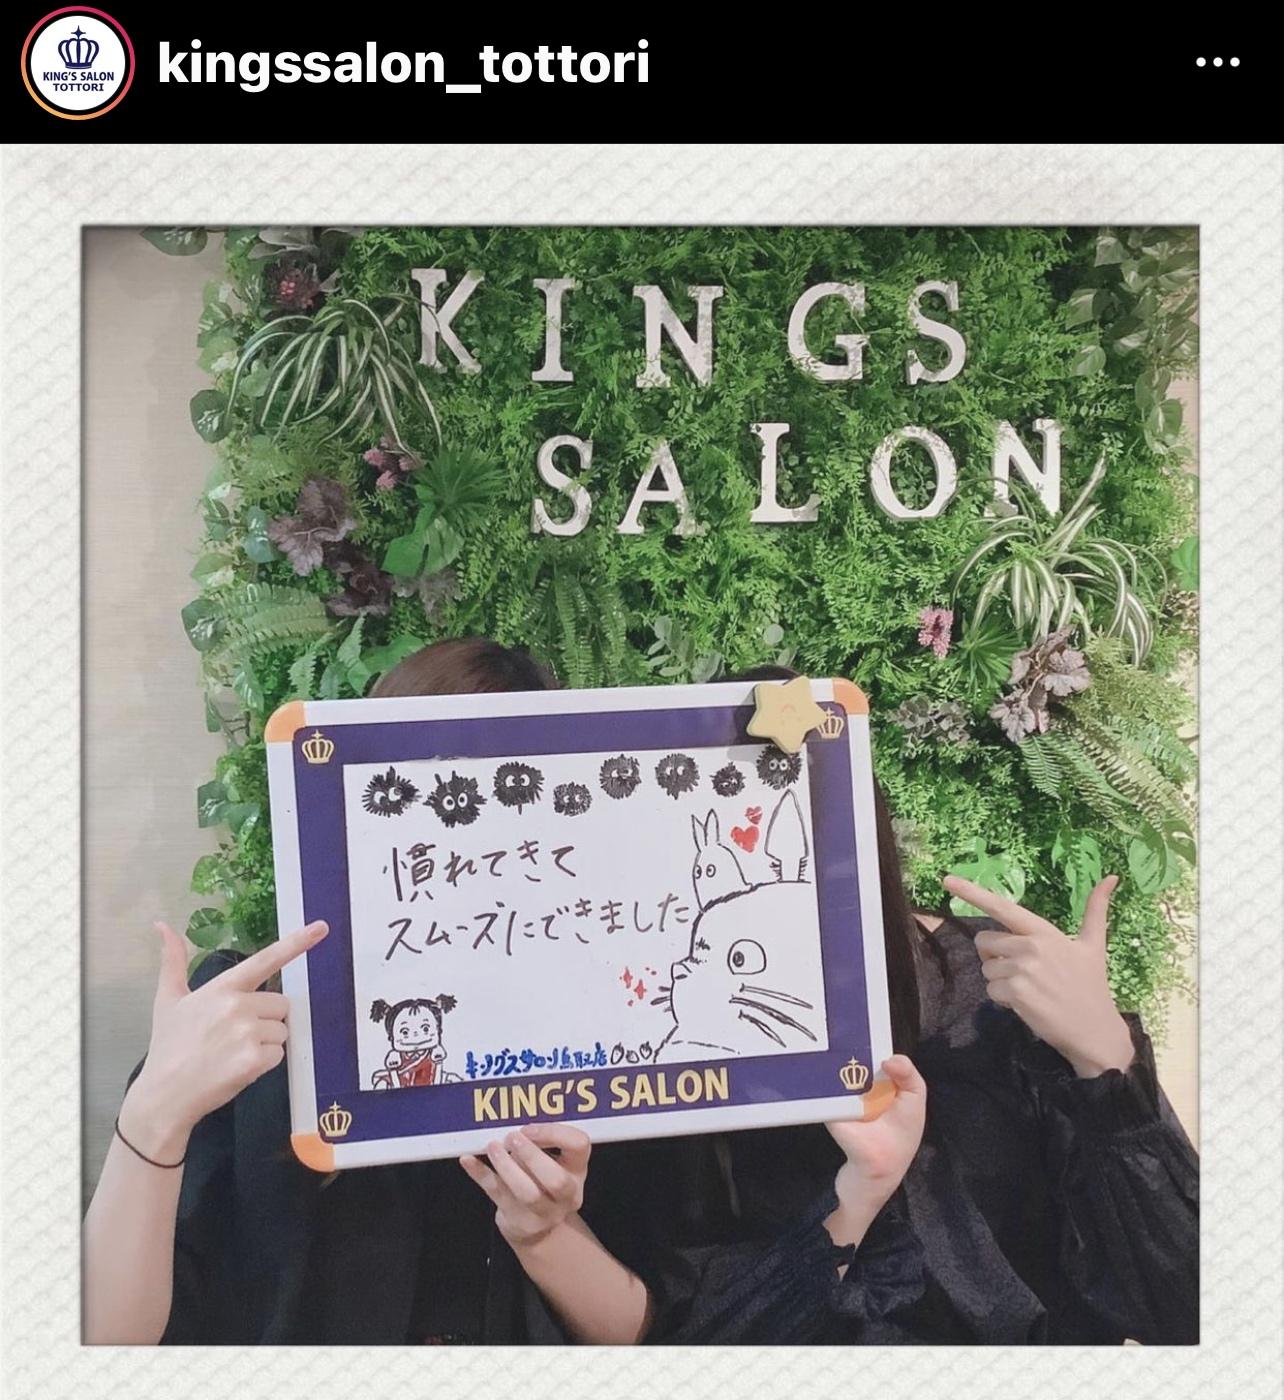 お客様の声 キングスサロン鳥取駅前店のサムネイル画像